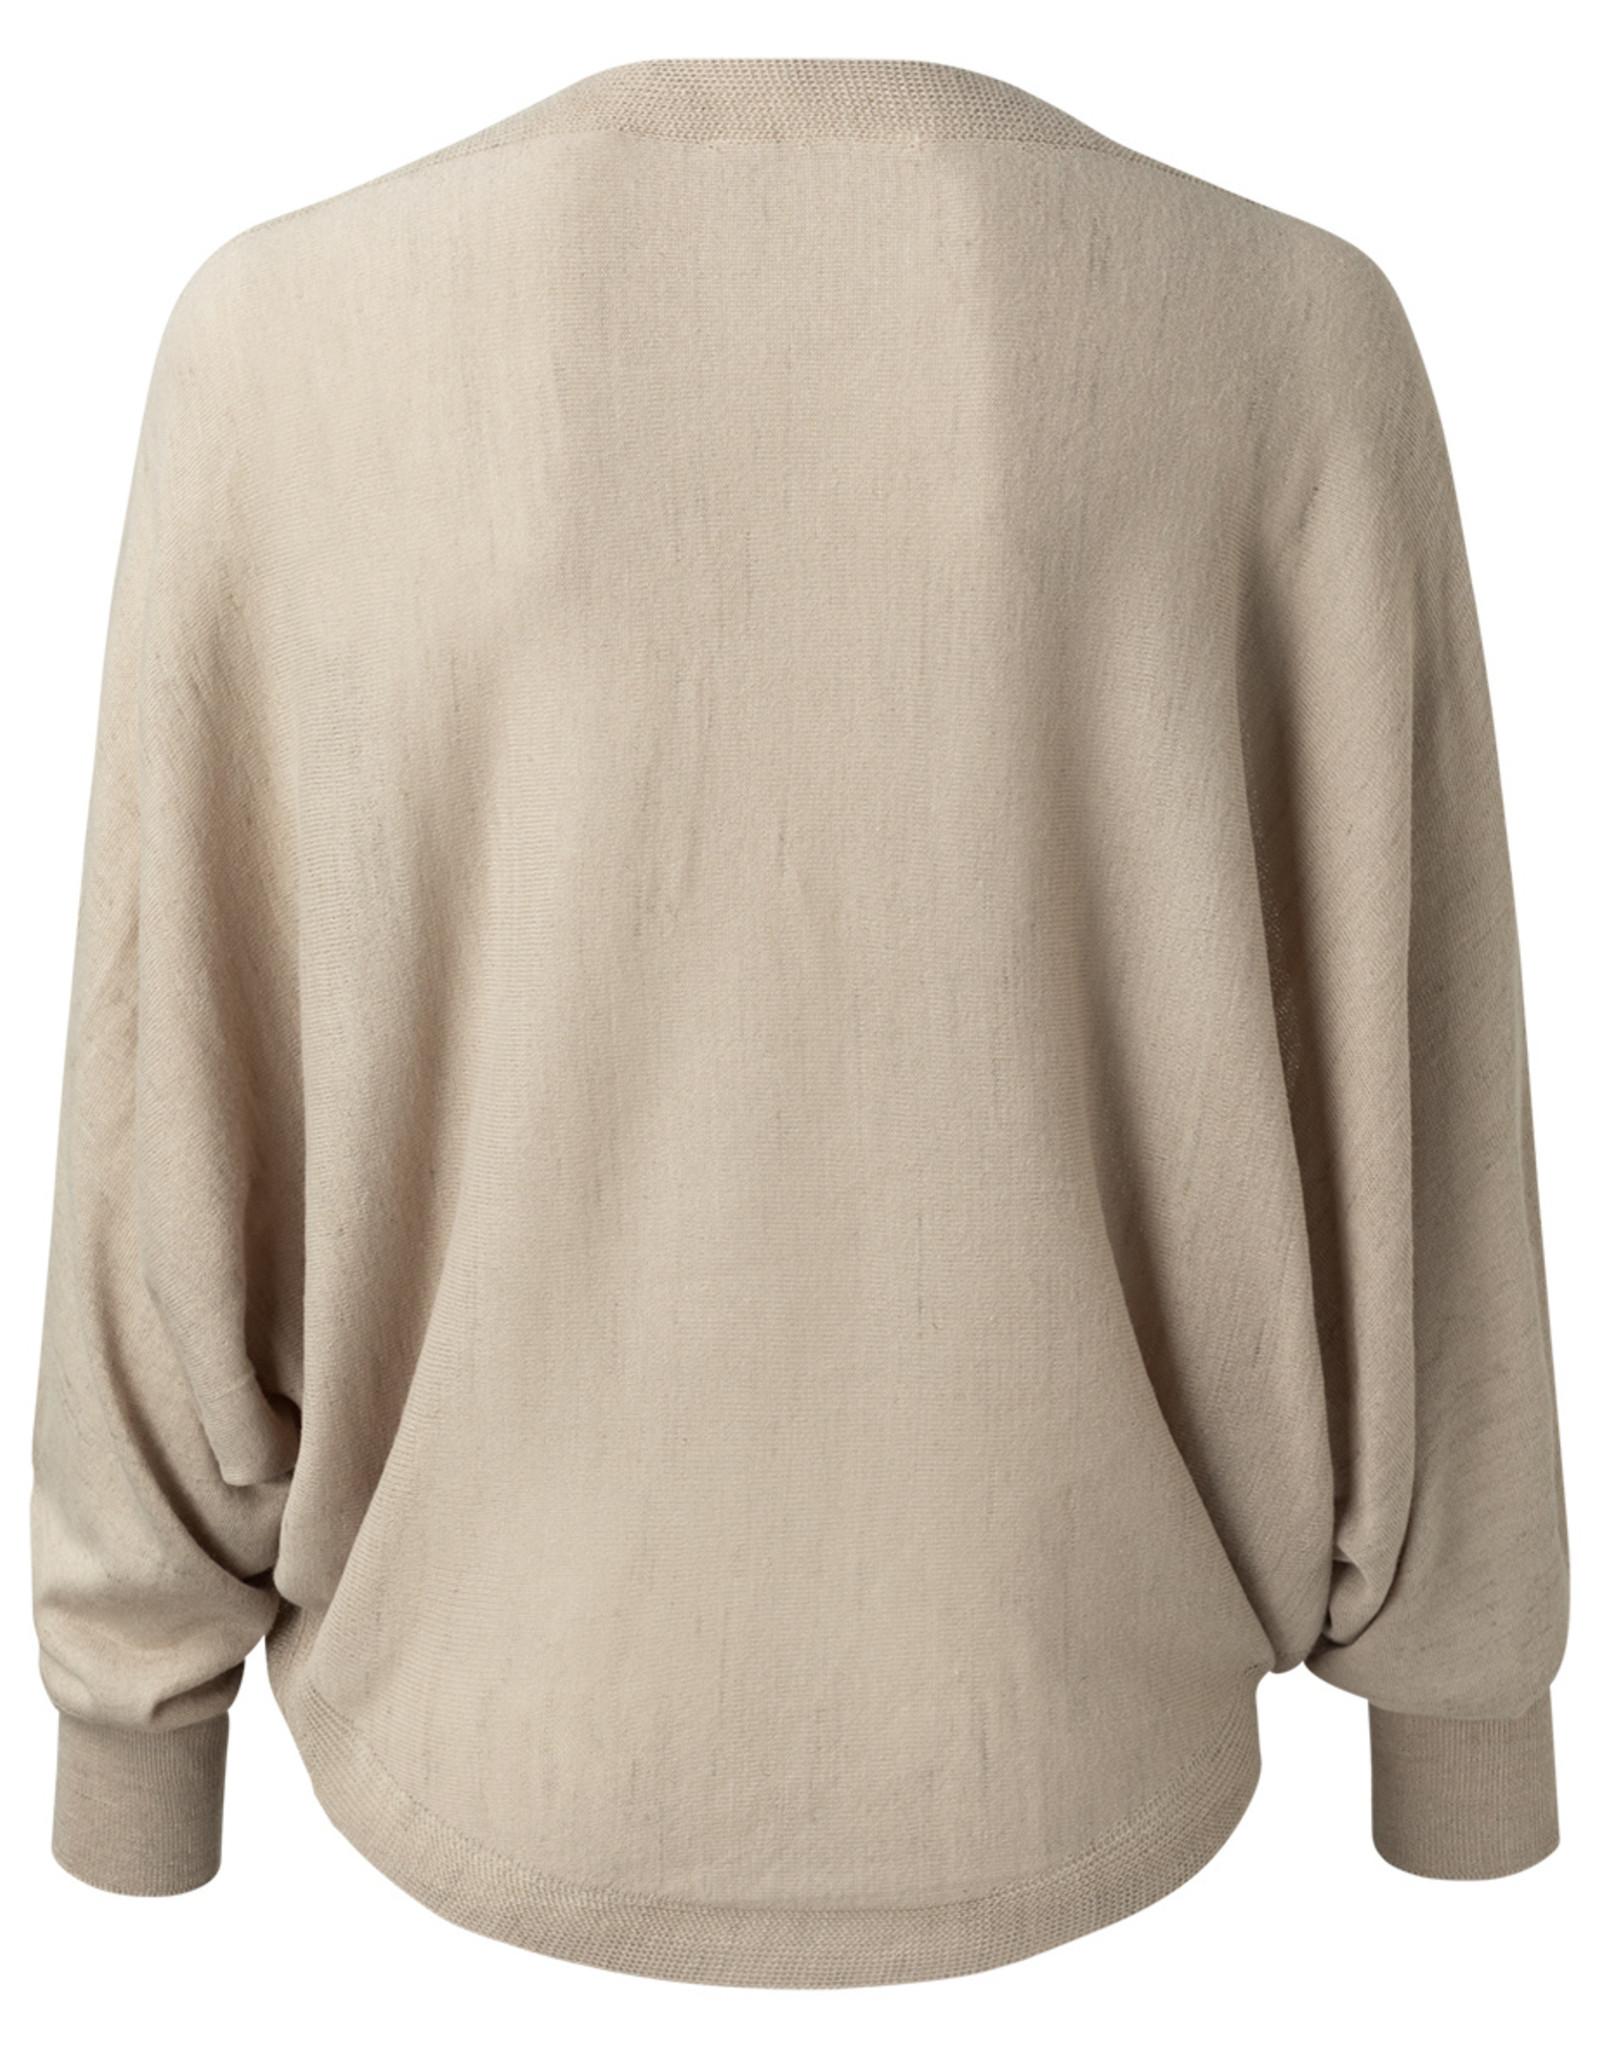 Yaya Batwing Sweater